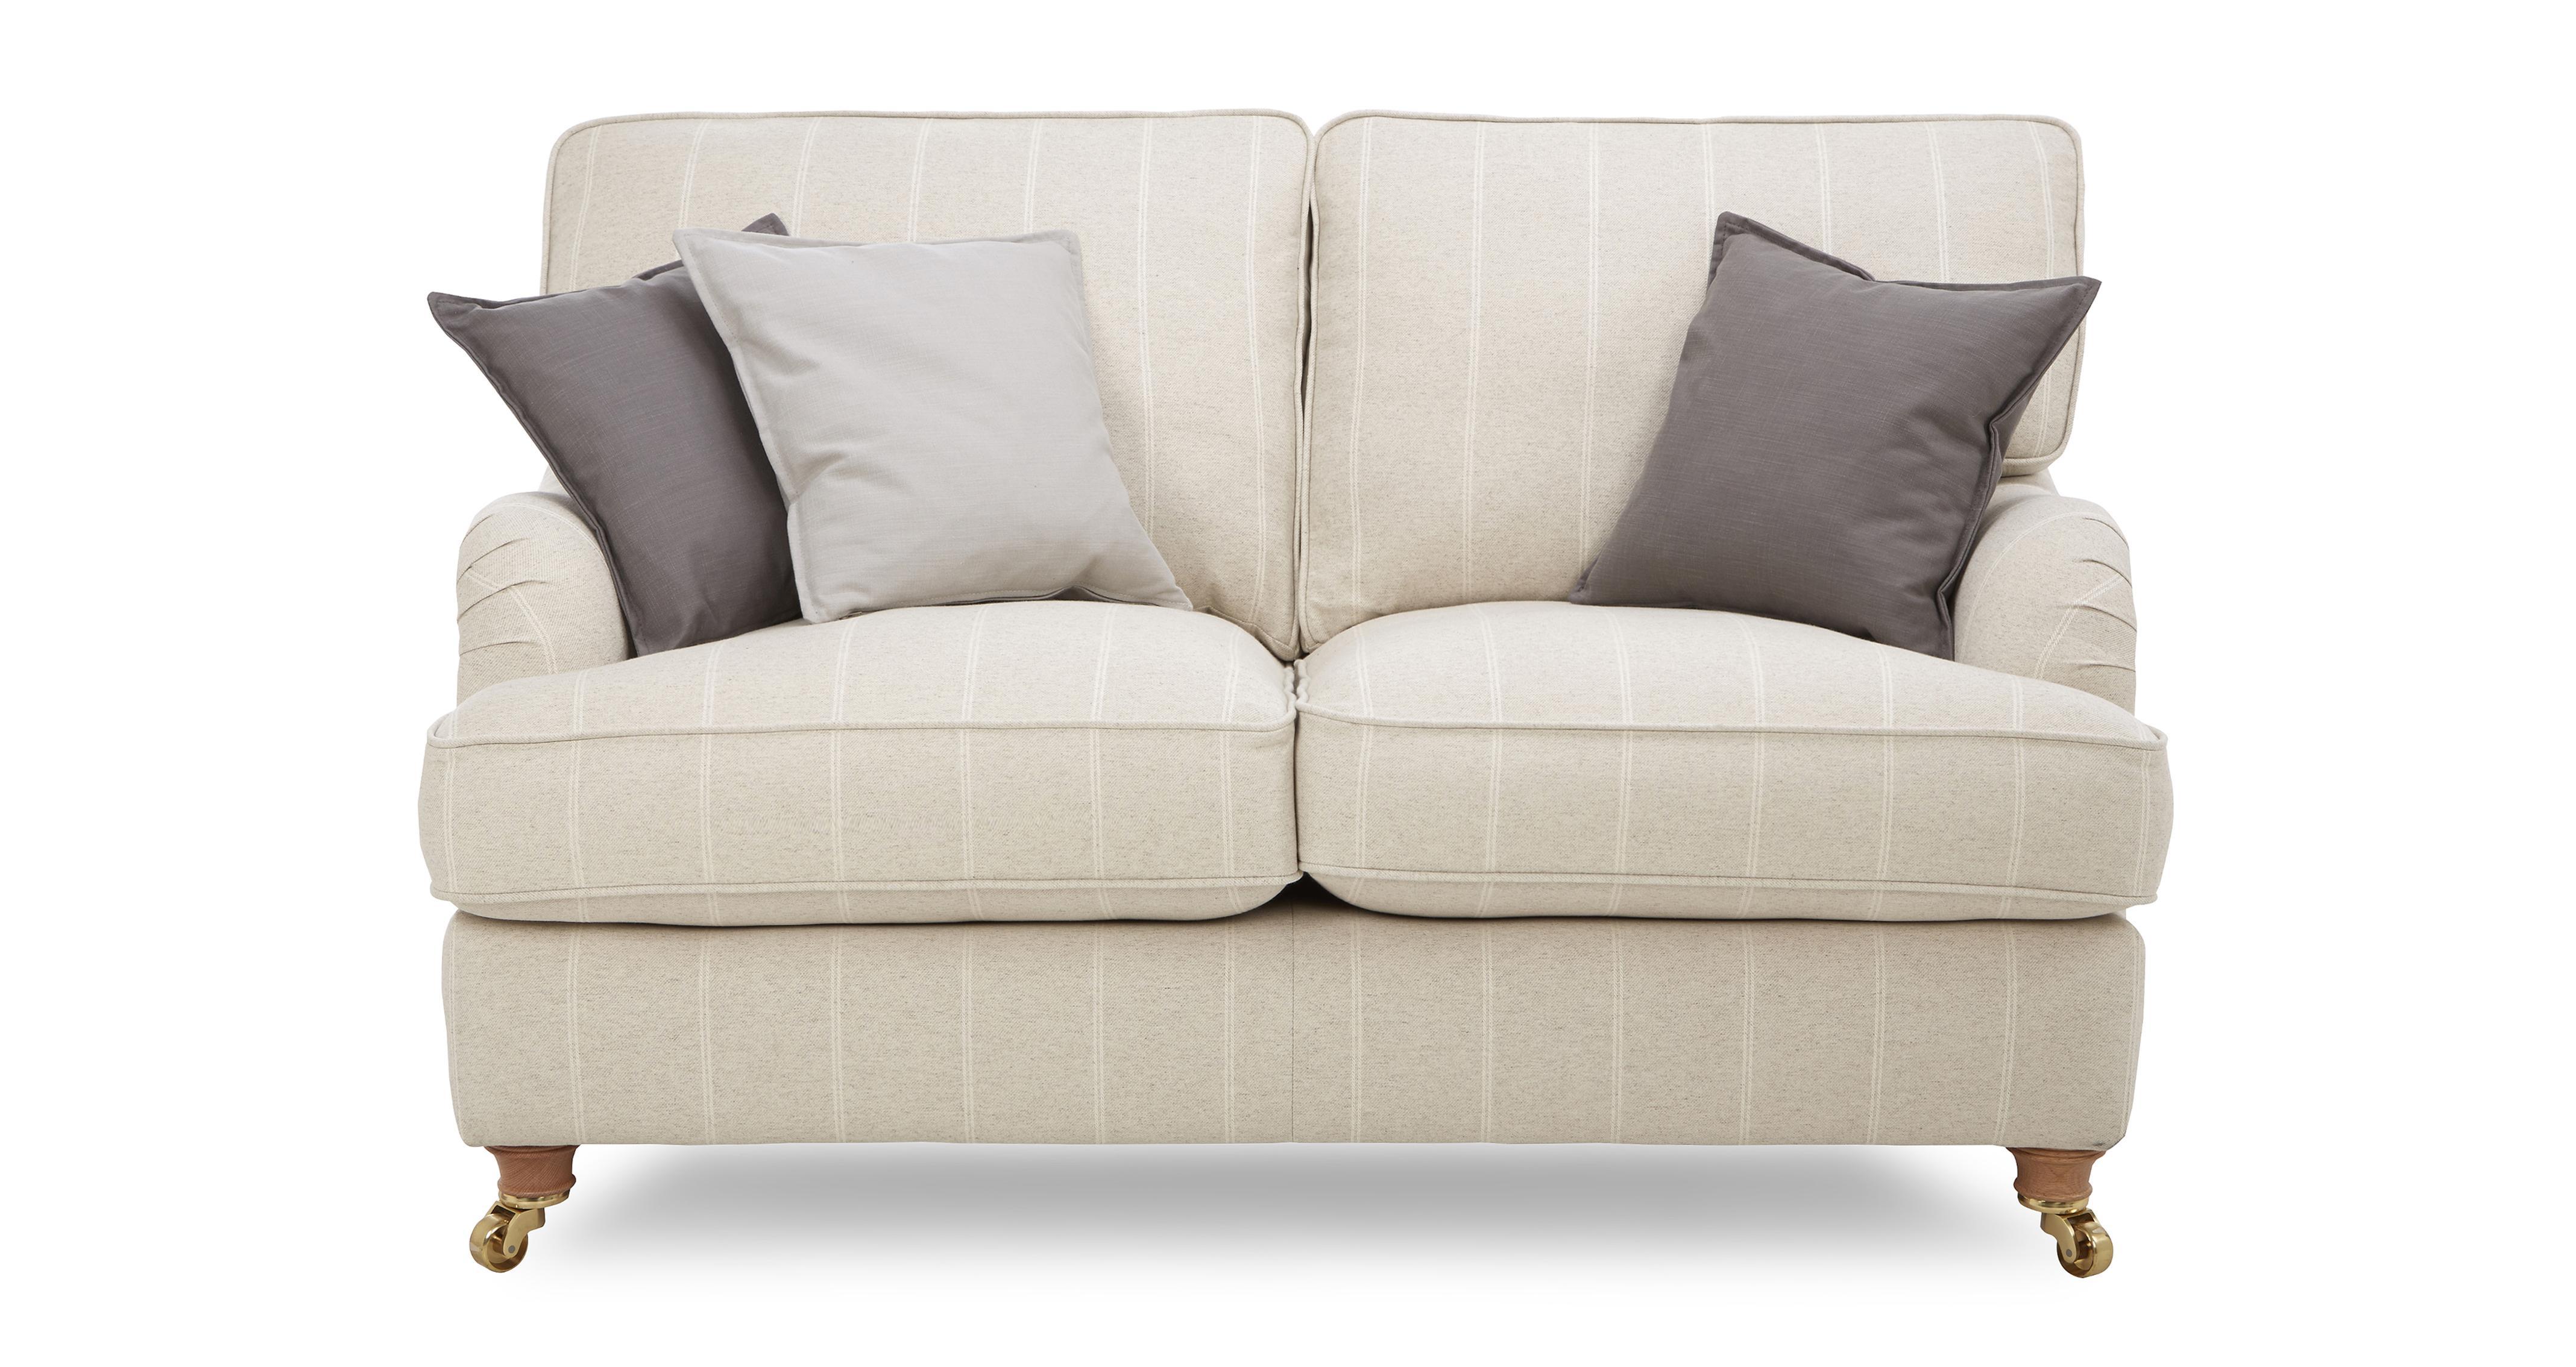 Magnificent Gower Stripe 2 Seater Sofa Uwap Interior Chair Design Uwaporg